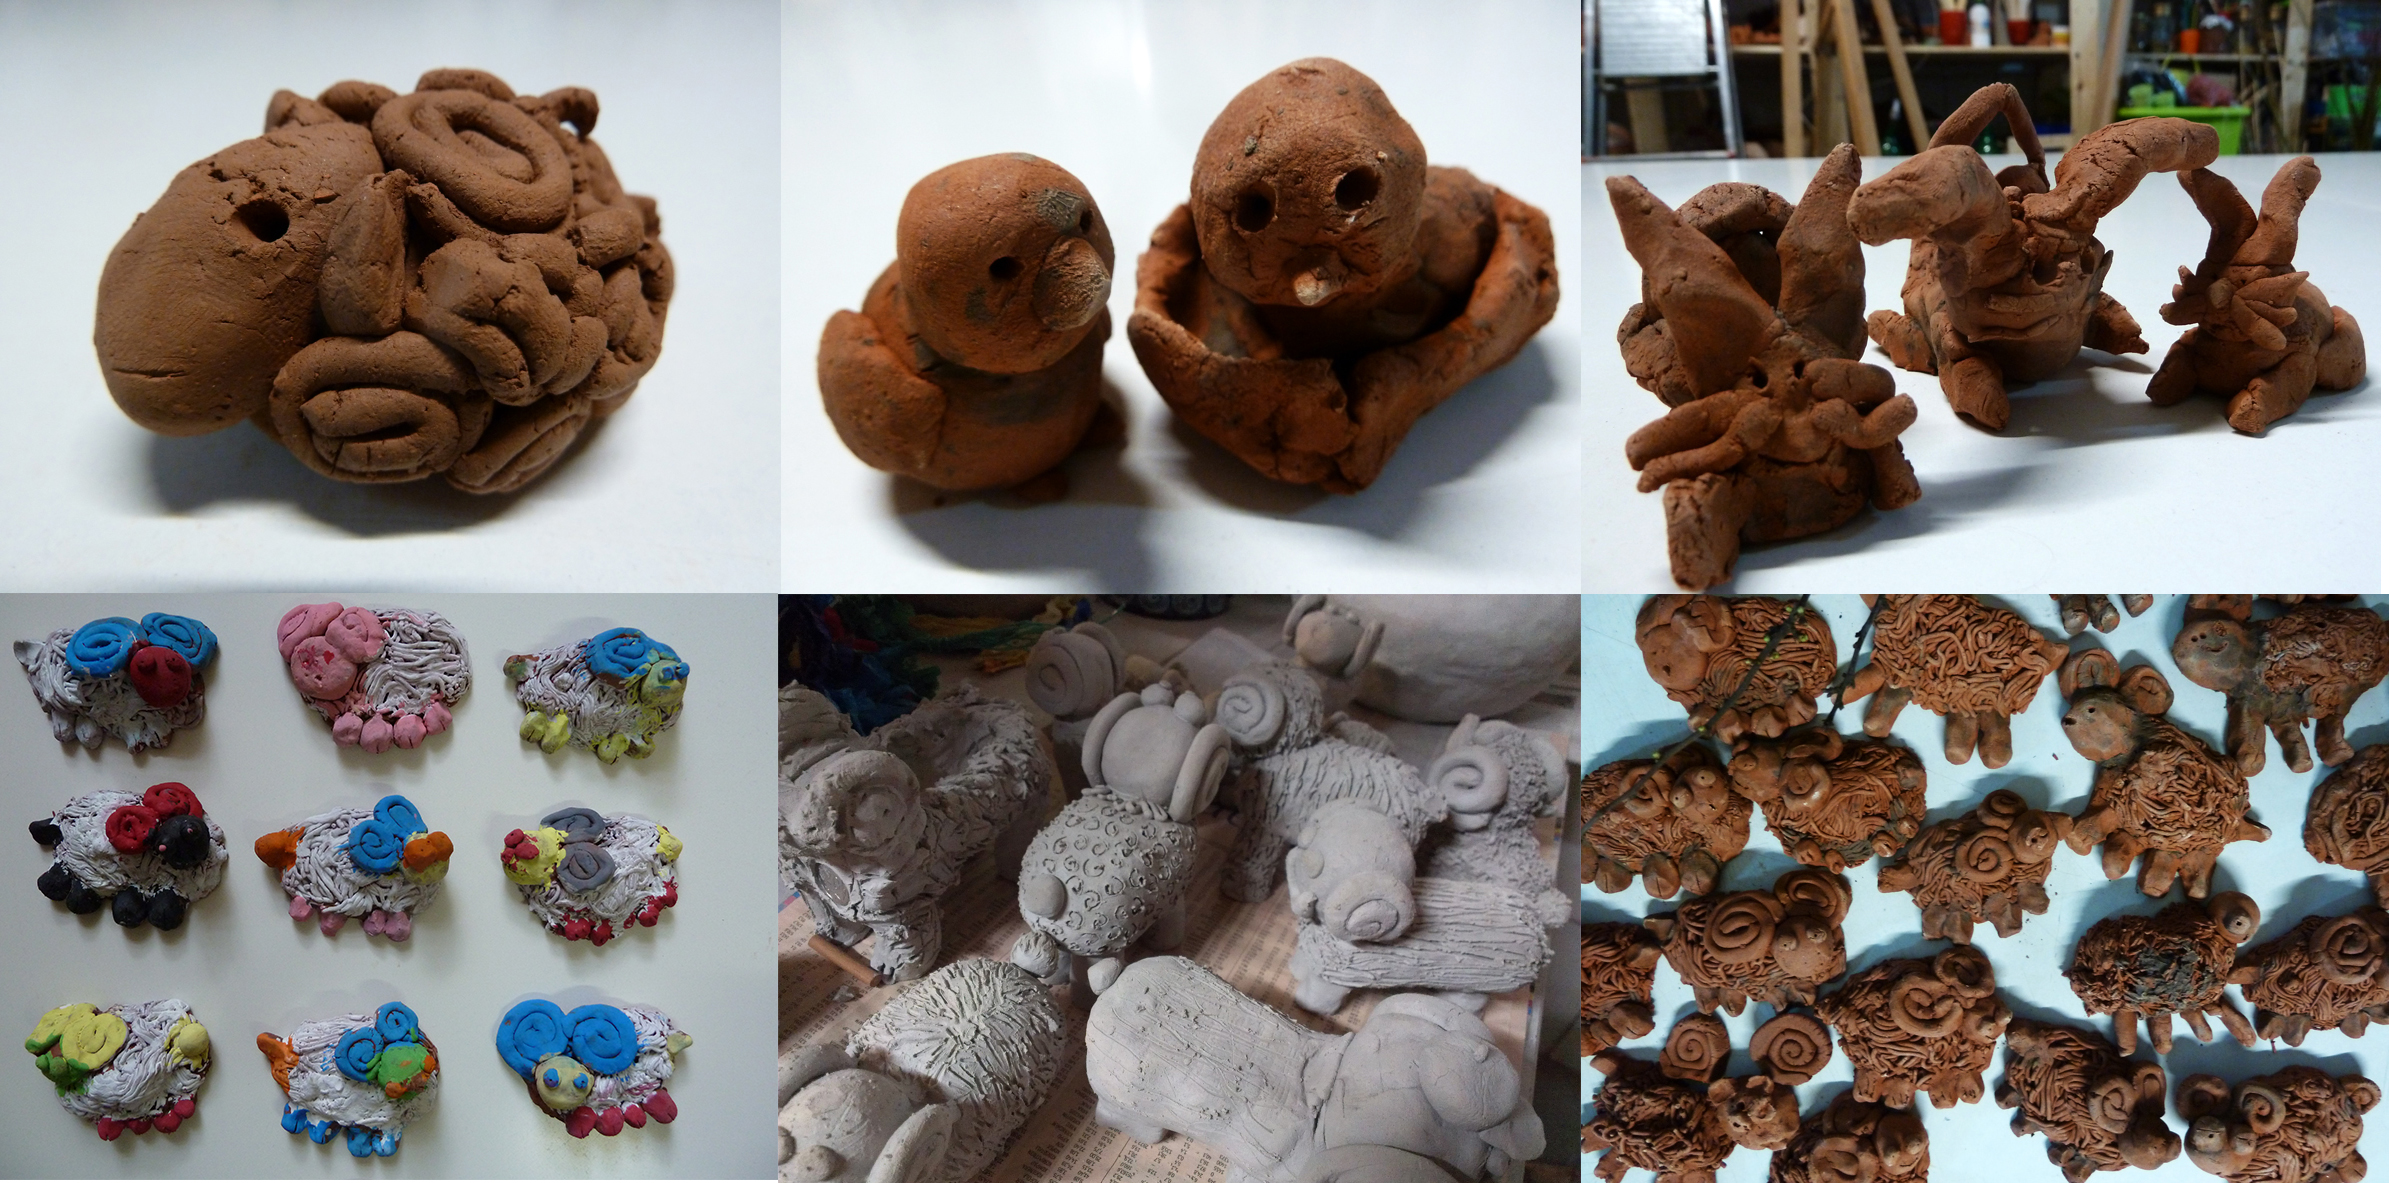 7_ceramiczne kuraki, barany i zające